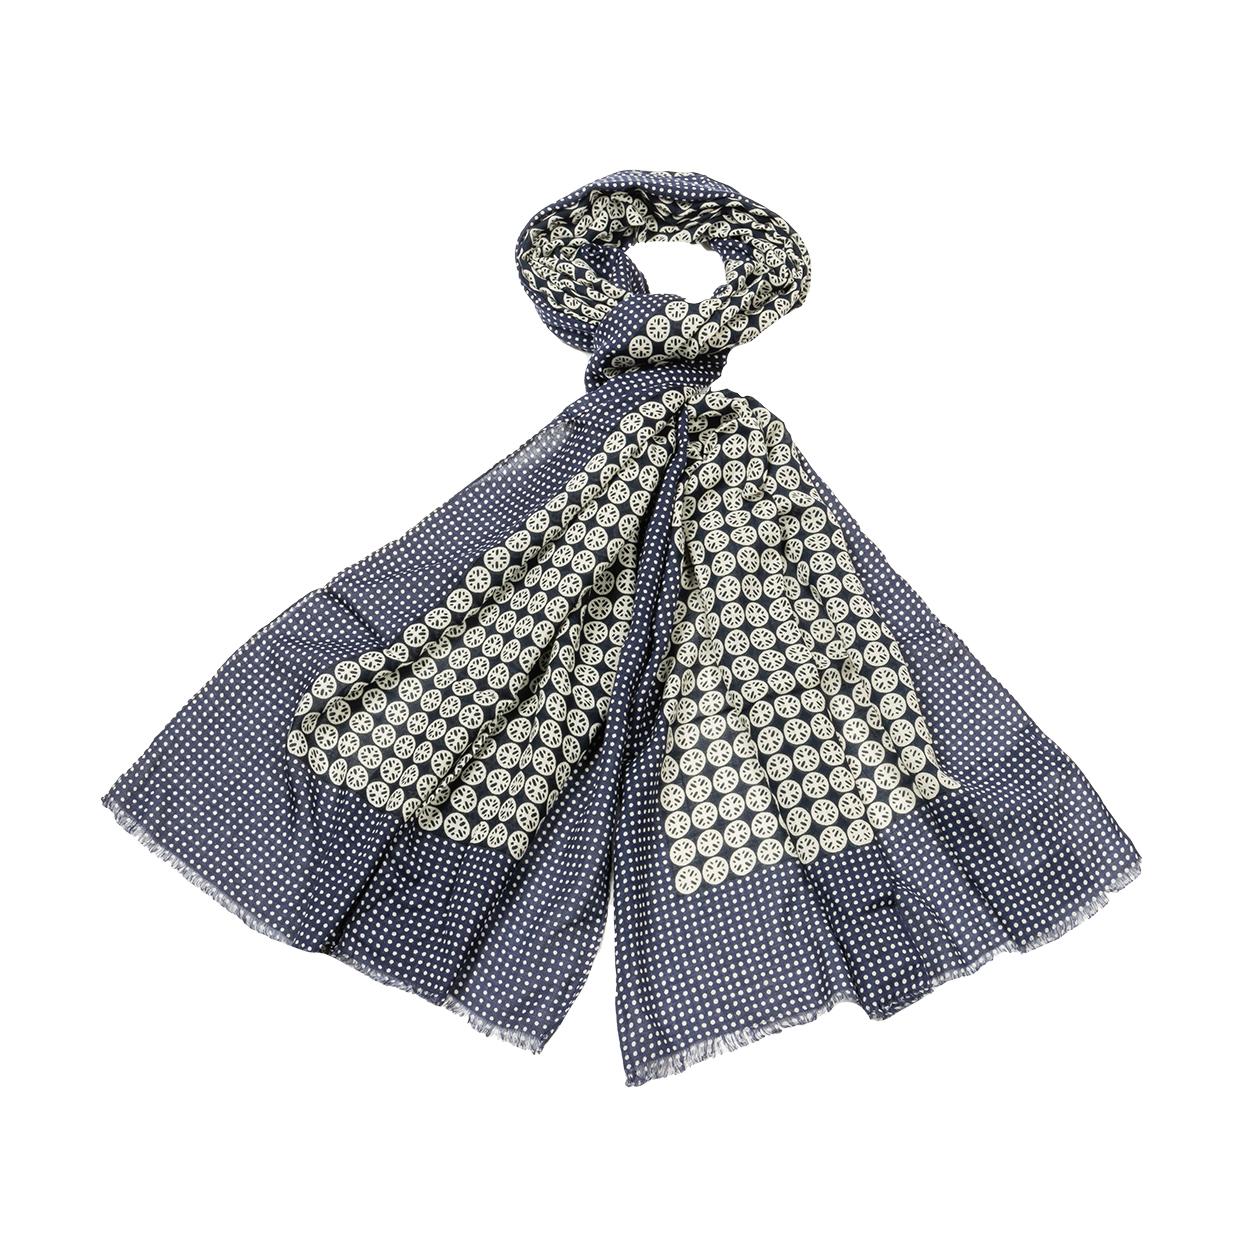 Chèche  imprimé en coton bleu marine à pois et motifs blancs